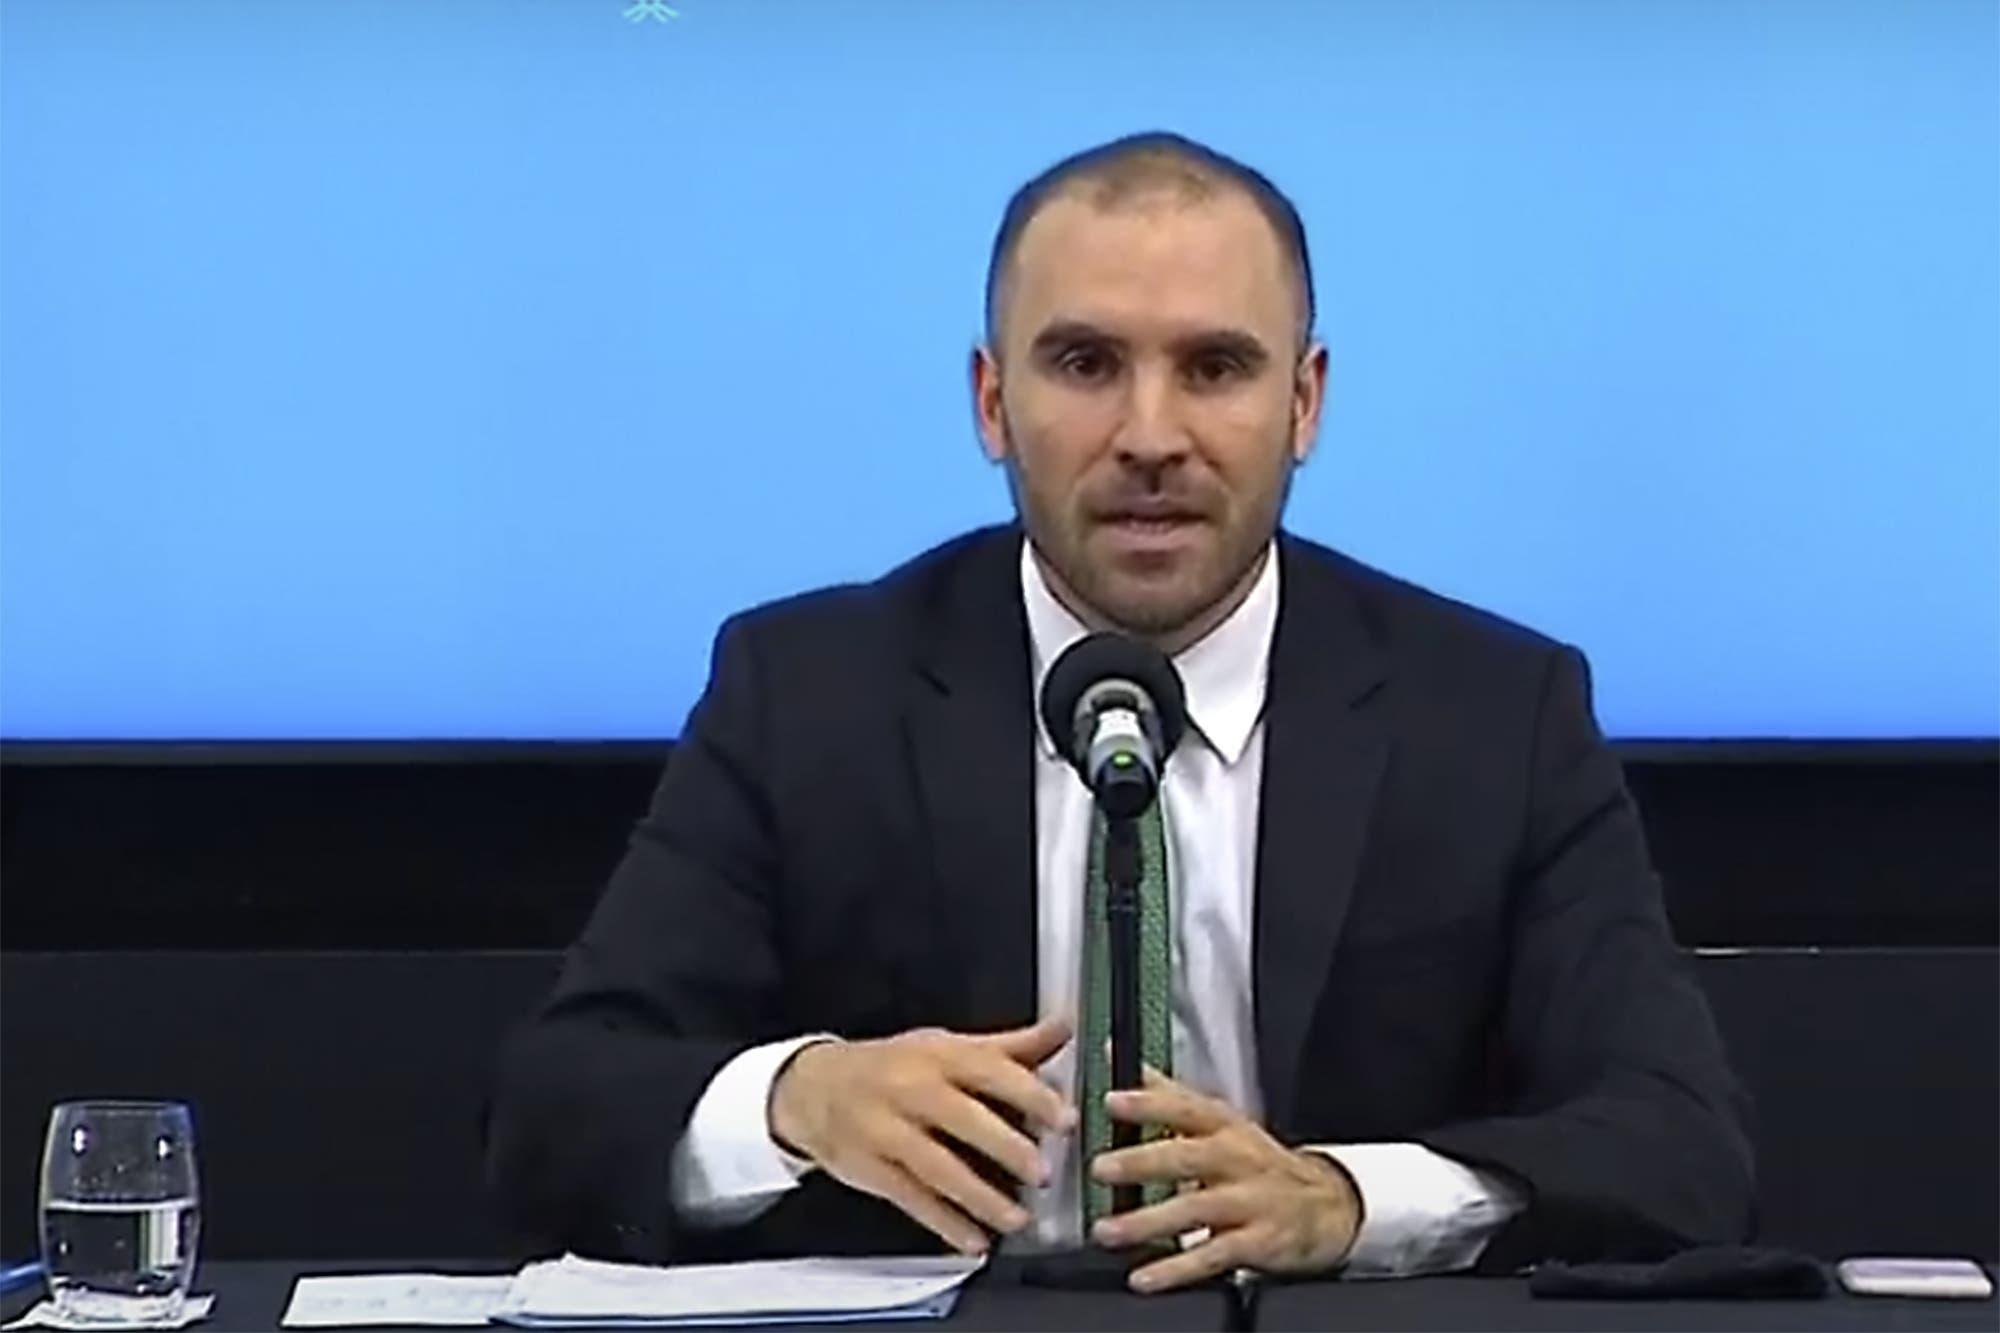 Búsqueda de consenso y críticas al impuesto a la riqueza: claves de la reunión de Guzmán con el FMI y AEA